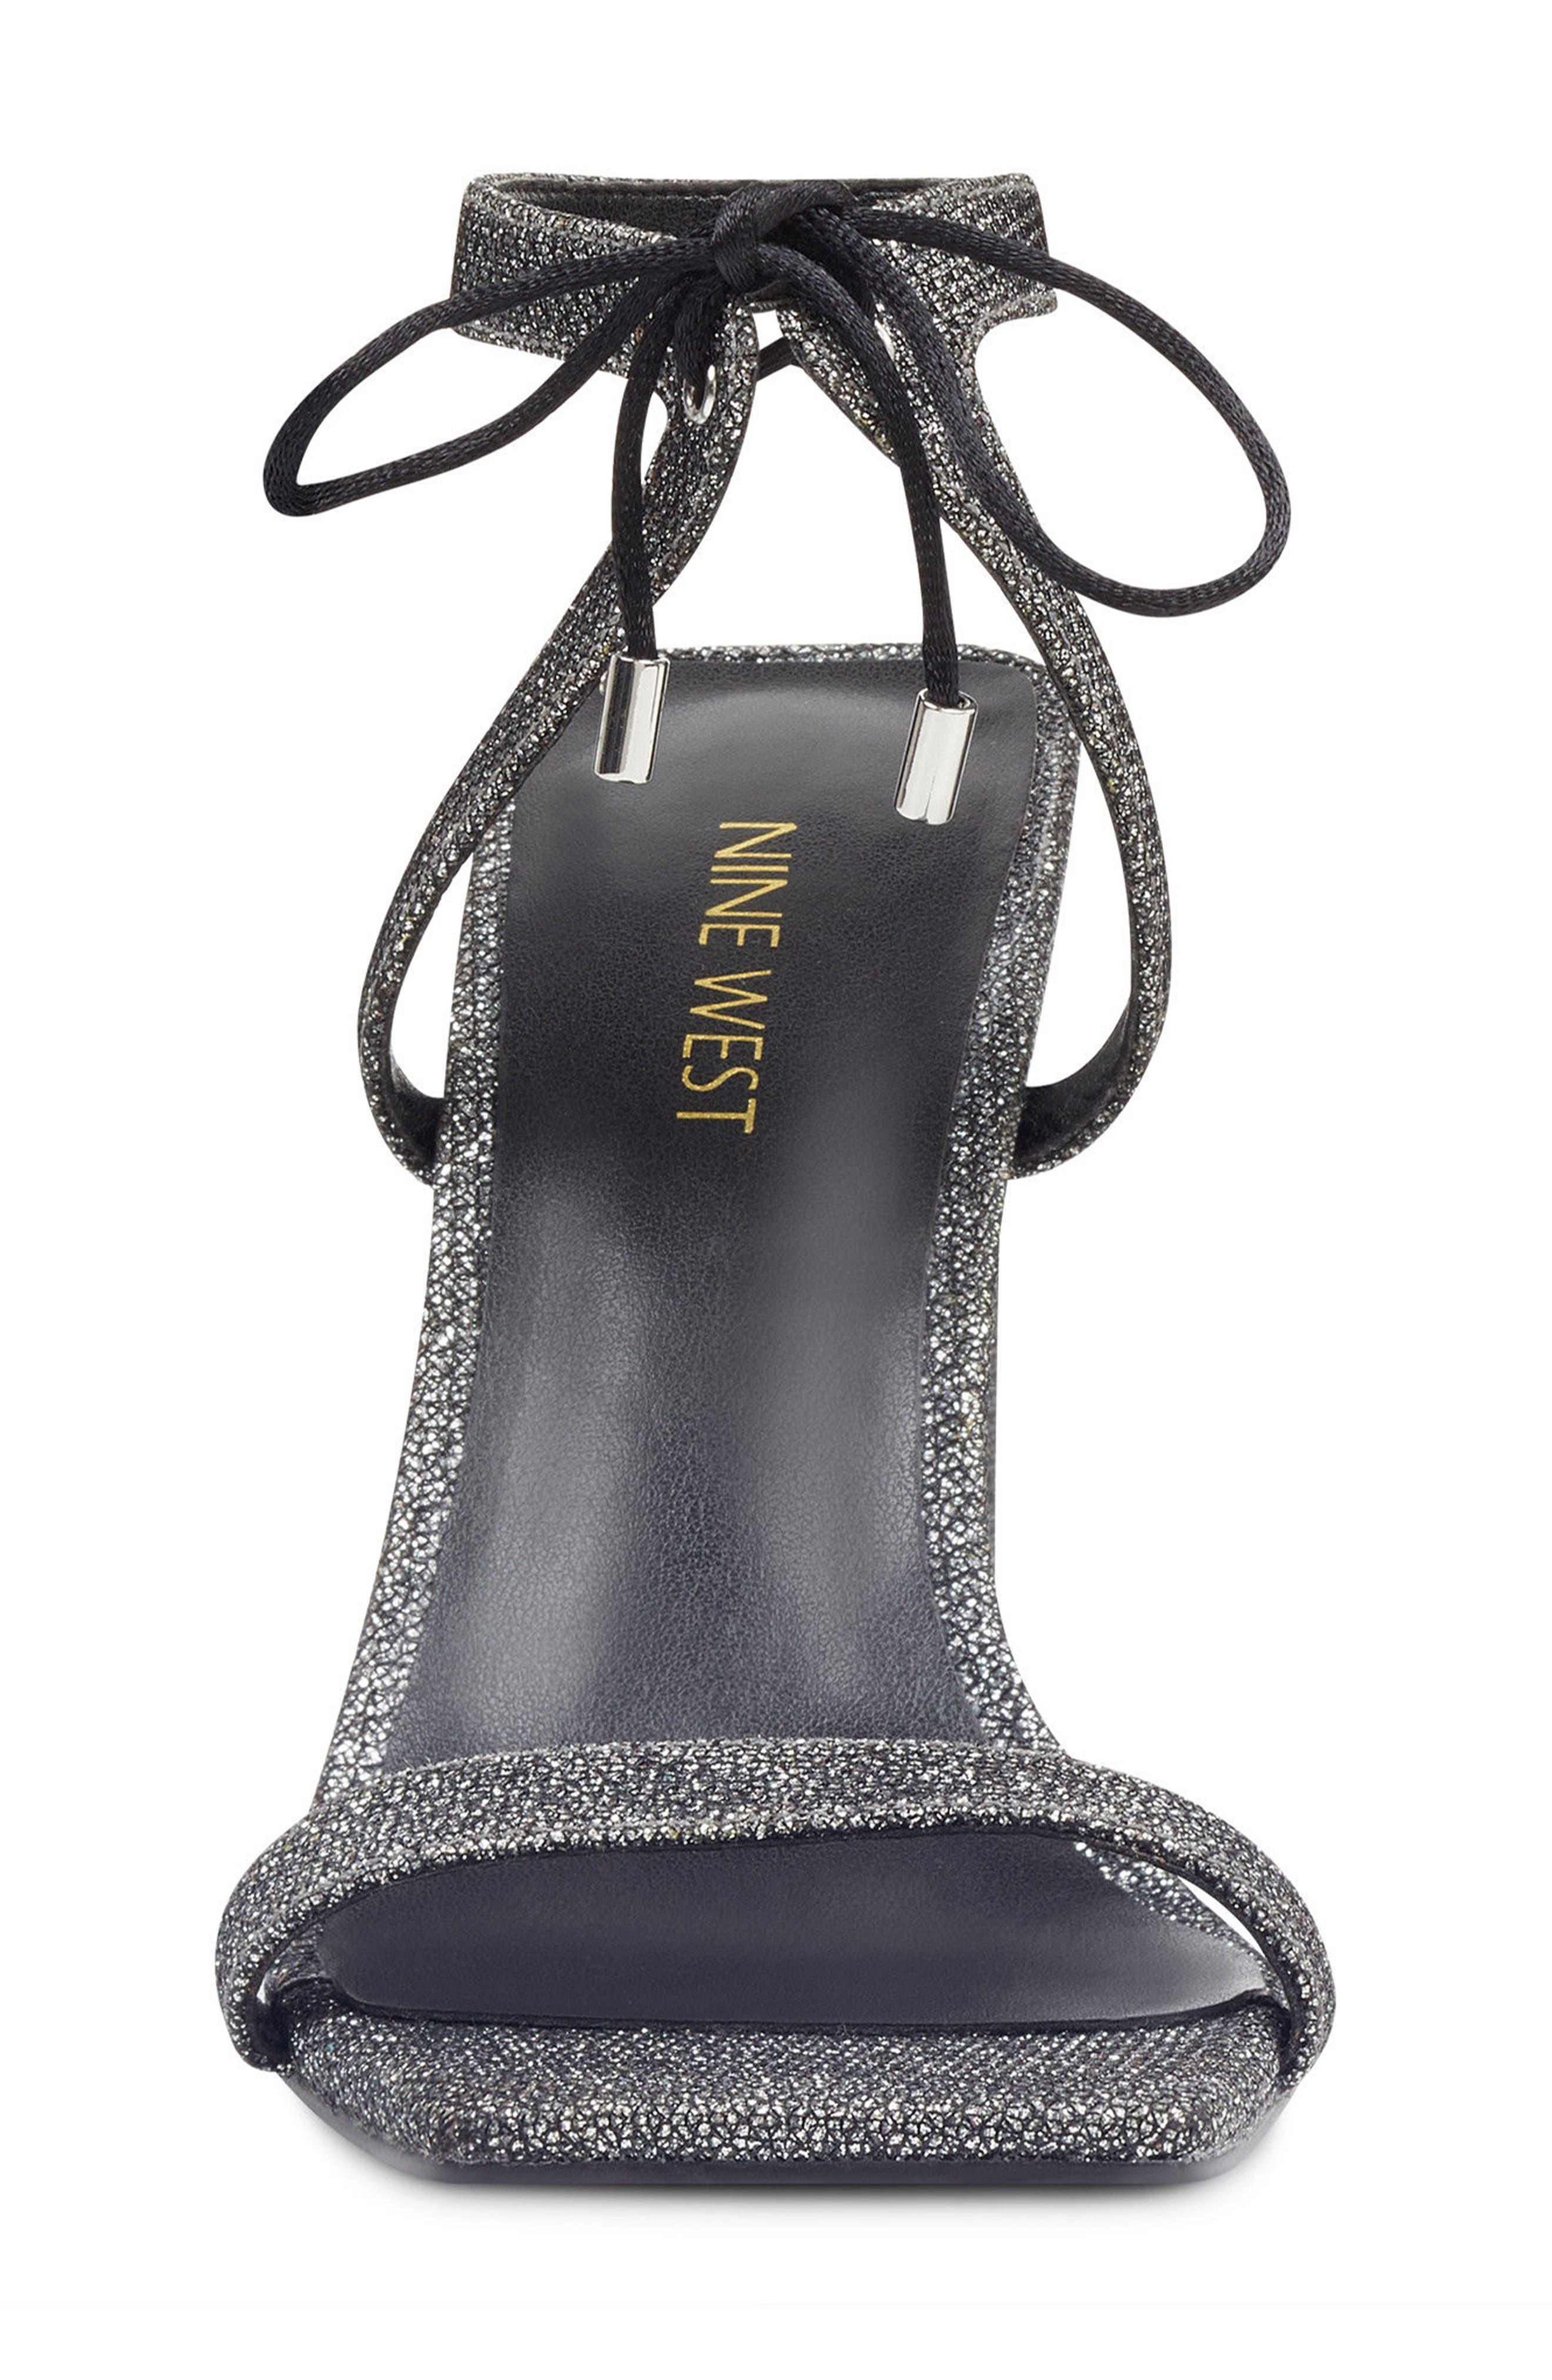 Longitano Squared Toe Sandal,                             Alternate thumbnail 4, color,                             Black/ Silver Fabric